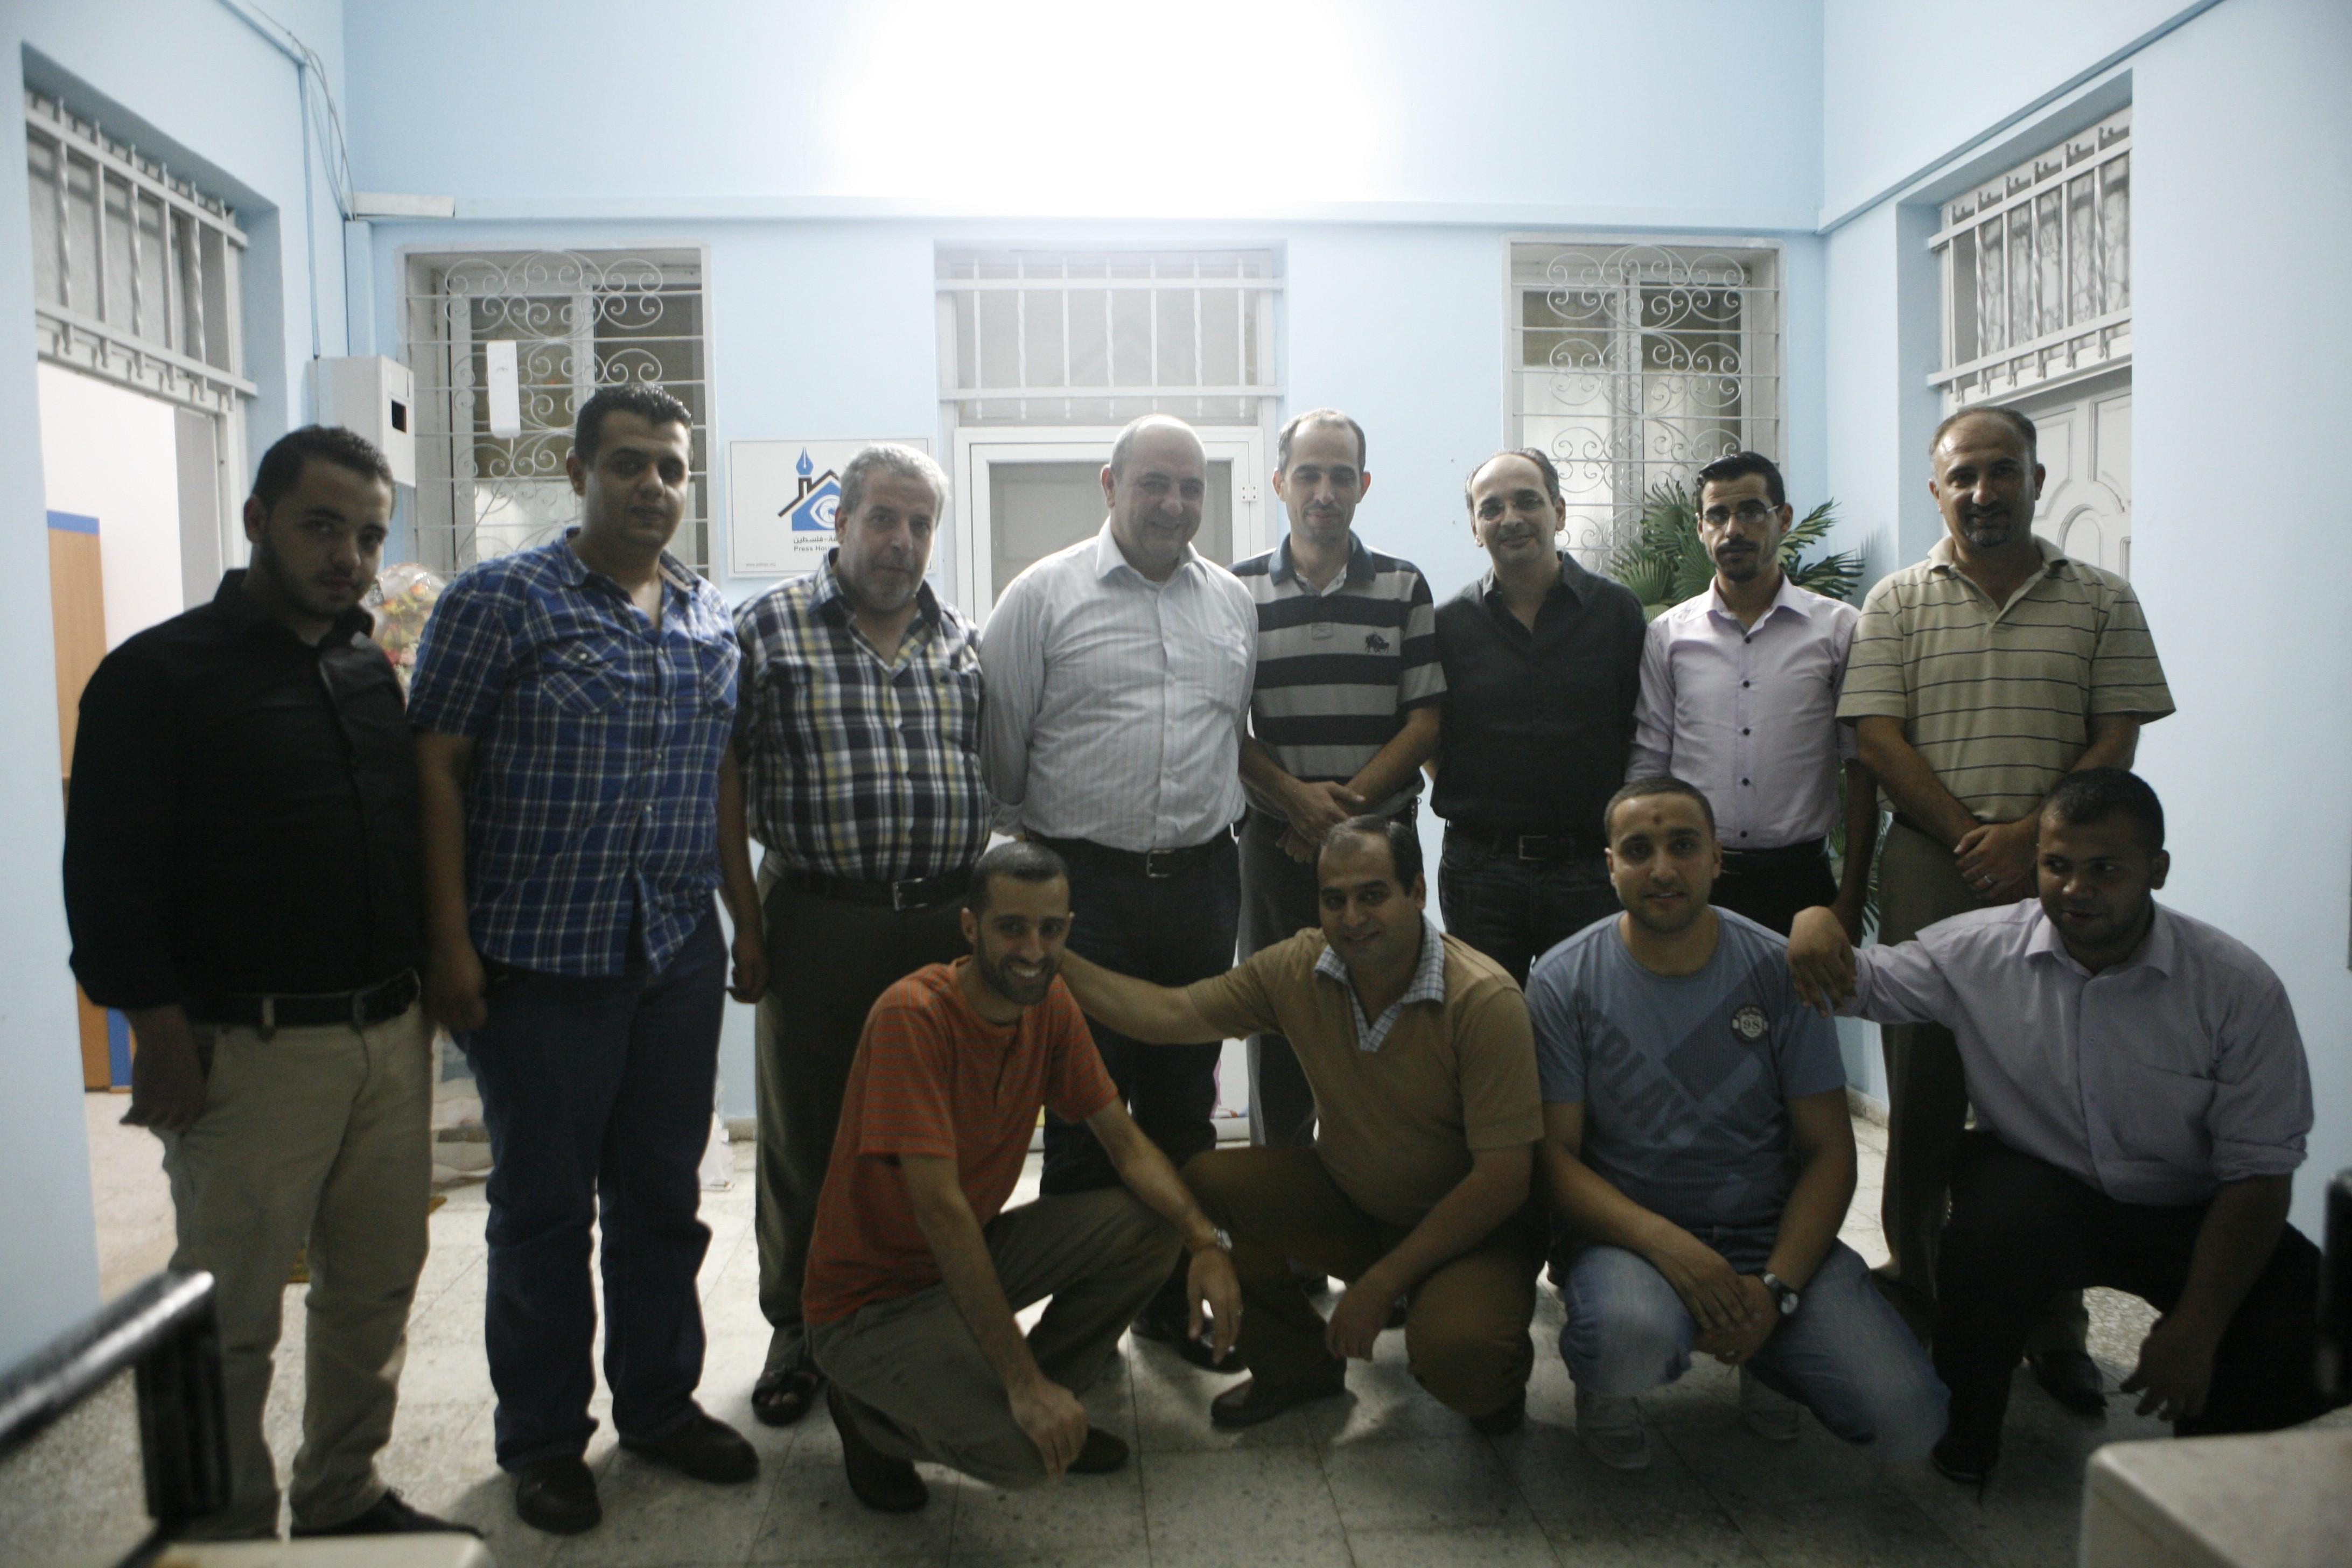 الرئيس التنفيذي لشركة الوطنية موبايل فايز الحسيني يزور بيت الصحافة